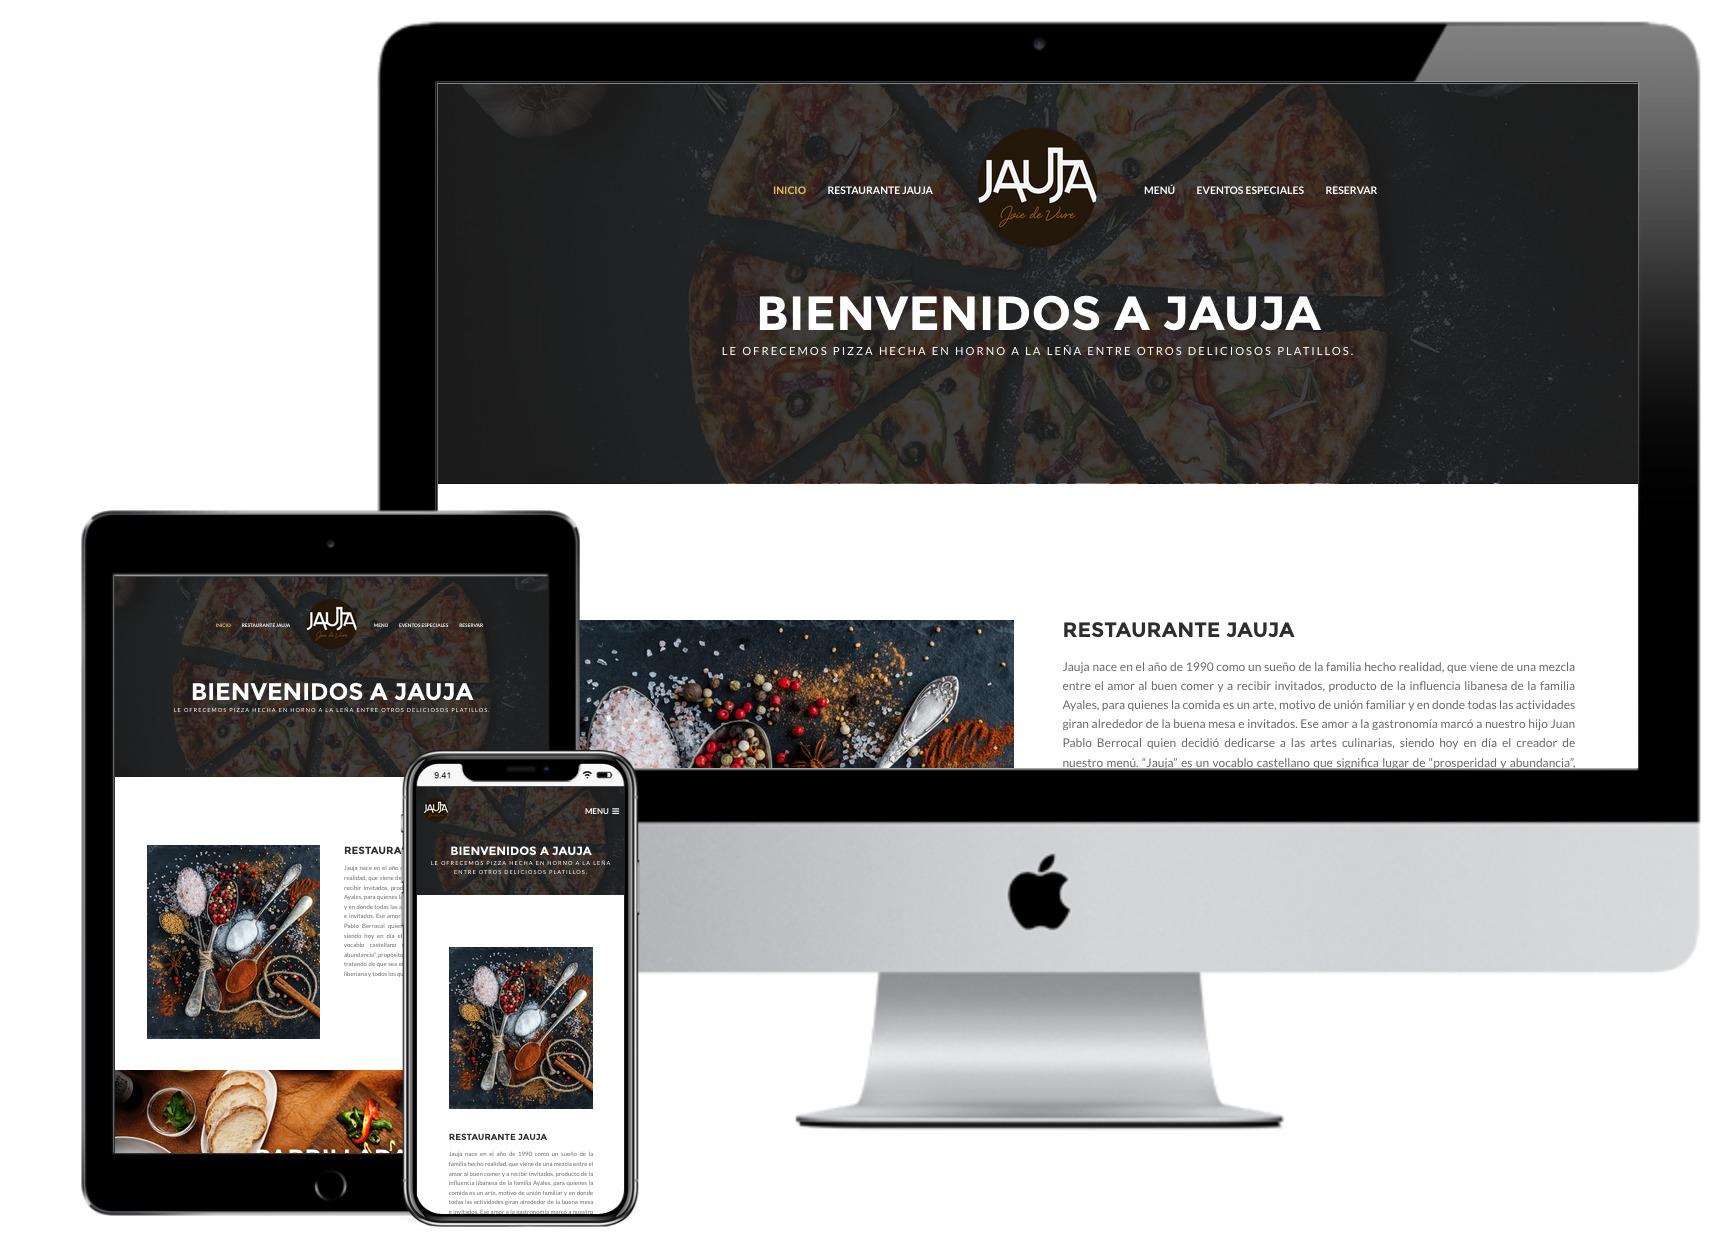 www.restaurantejaujacr.com